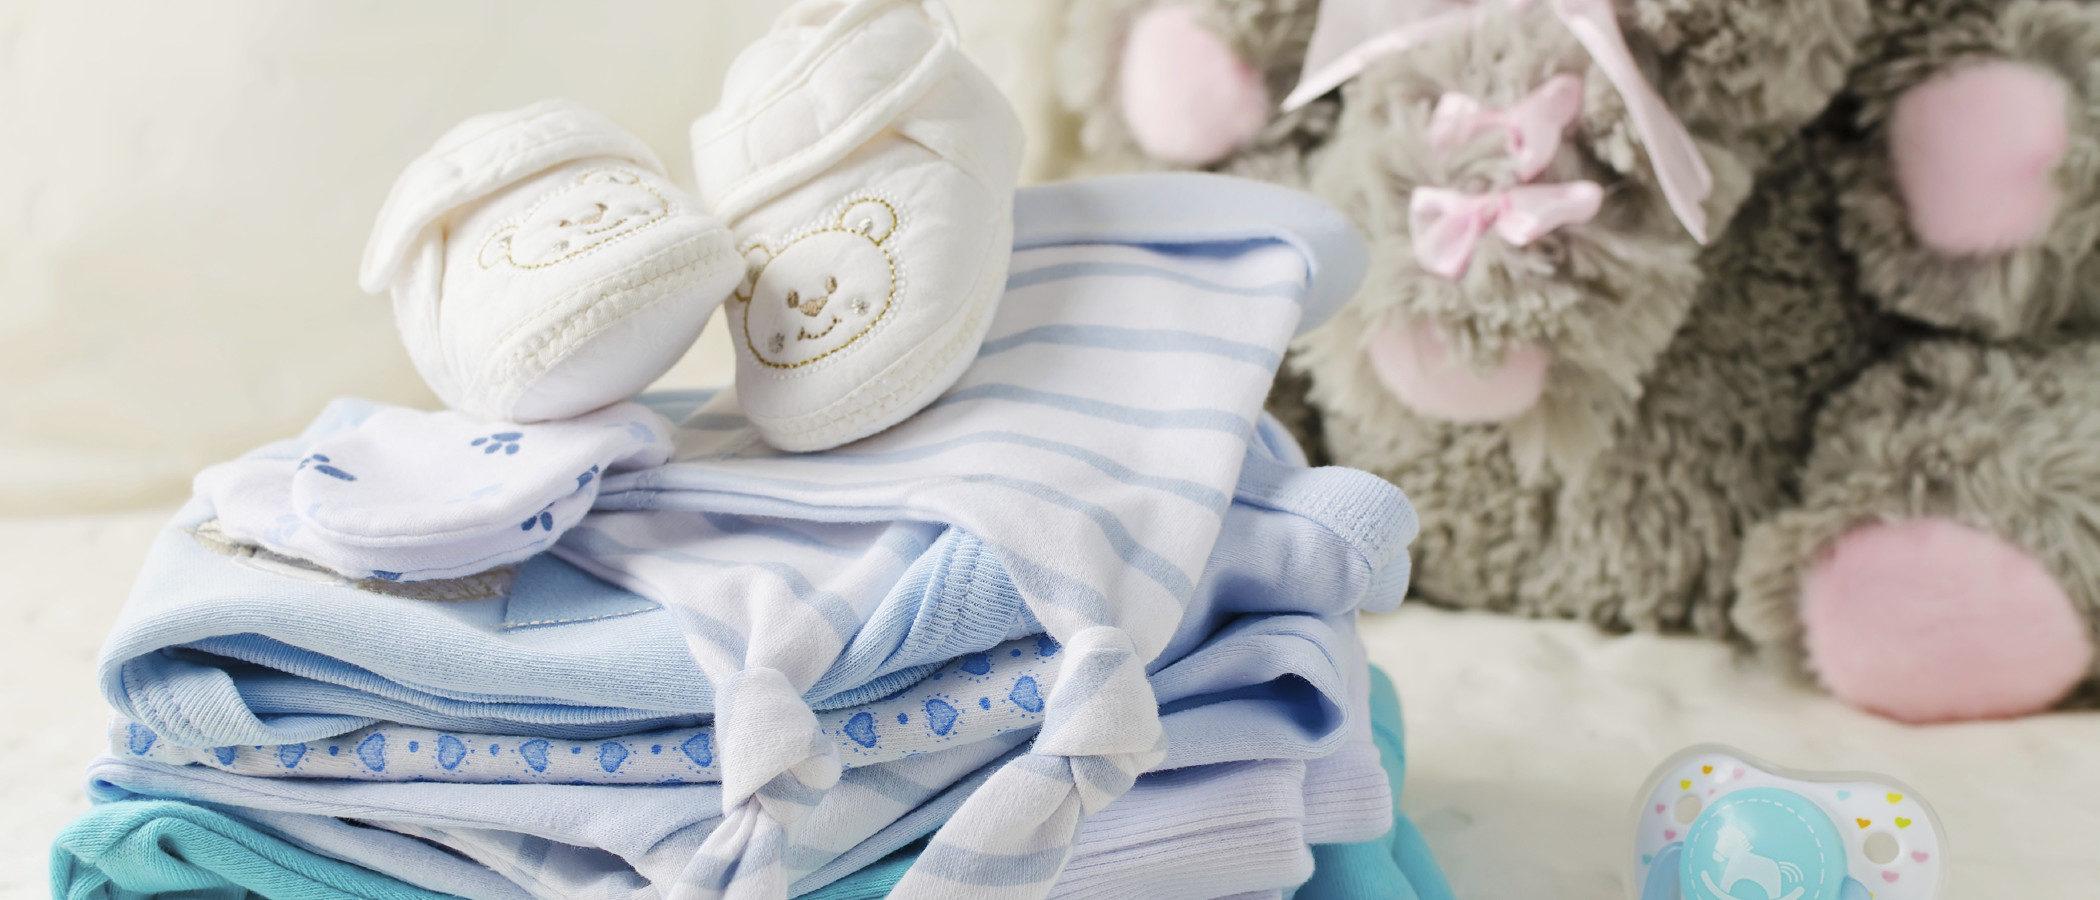 La ropa del bebé, ¿qué materiales son más recomendados para su piel?